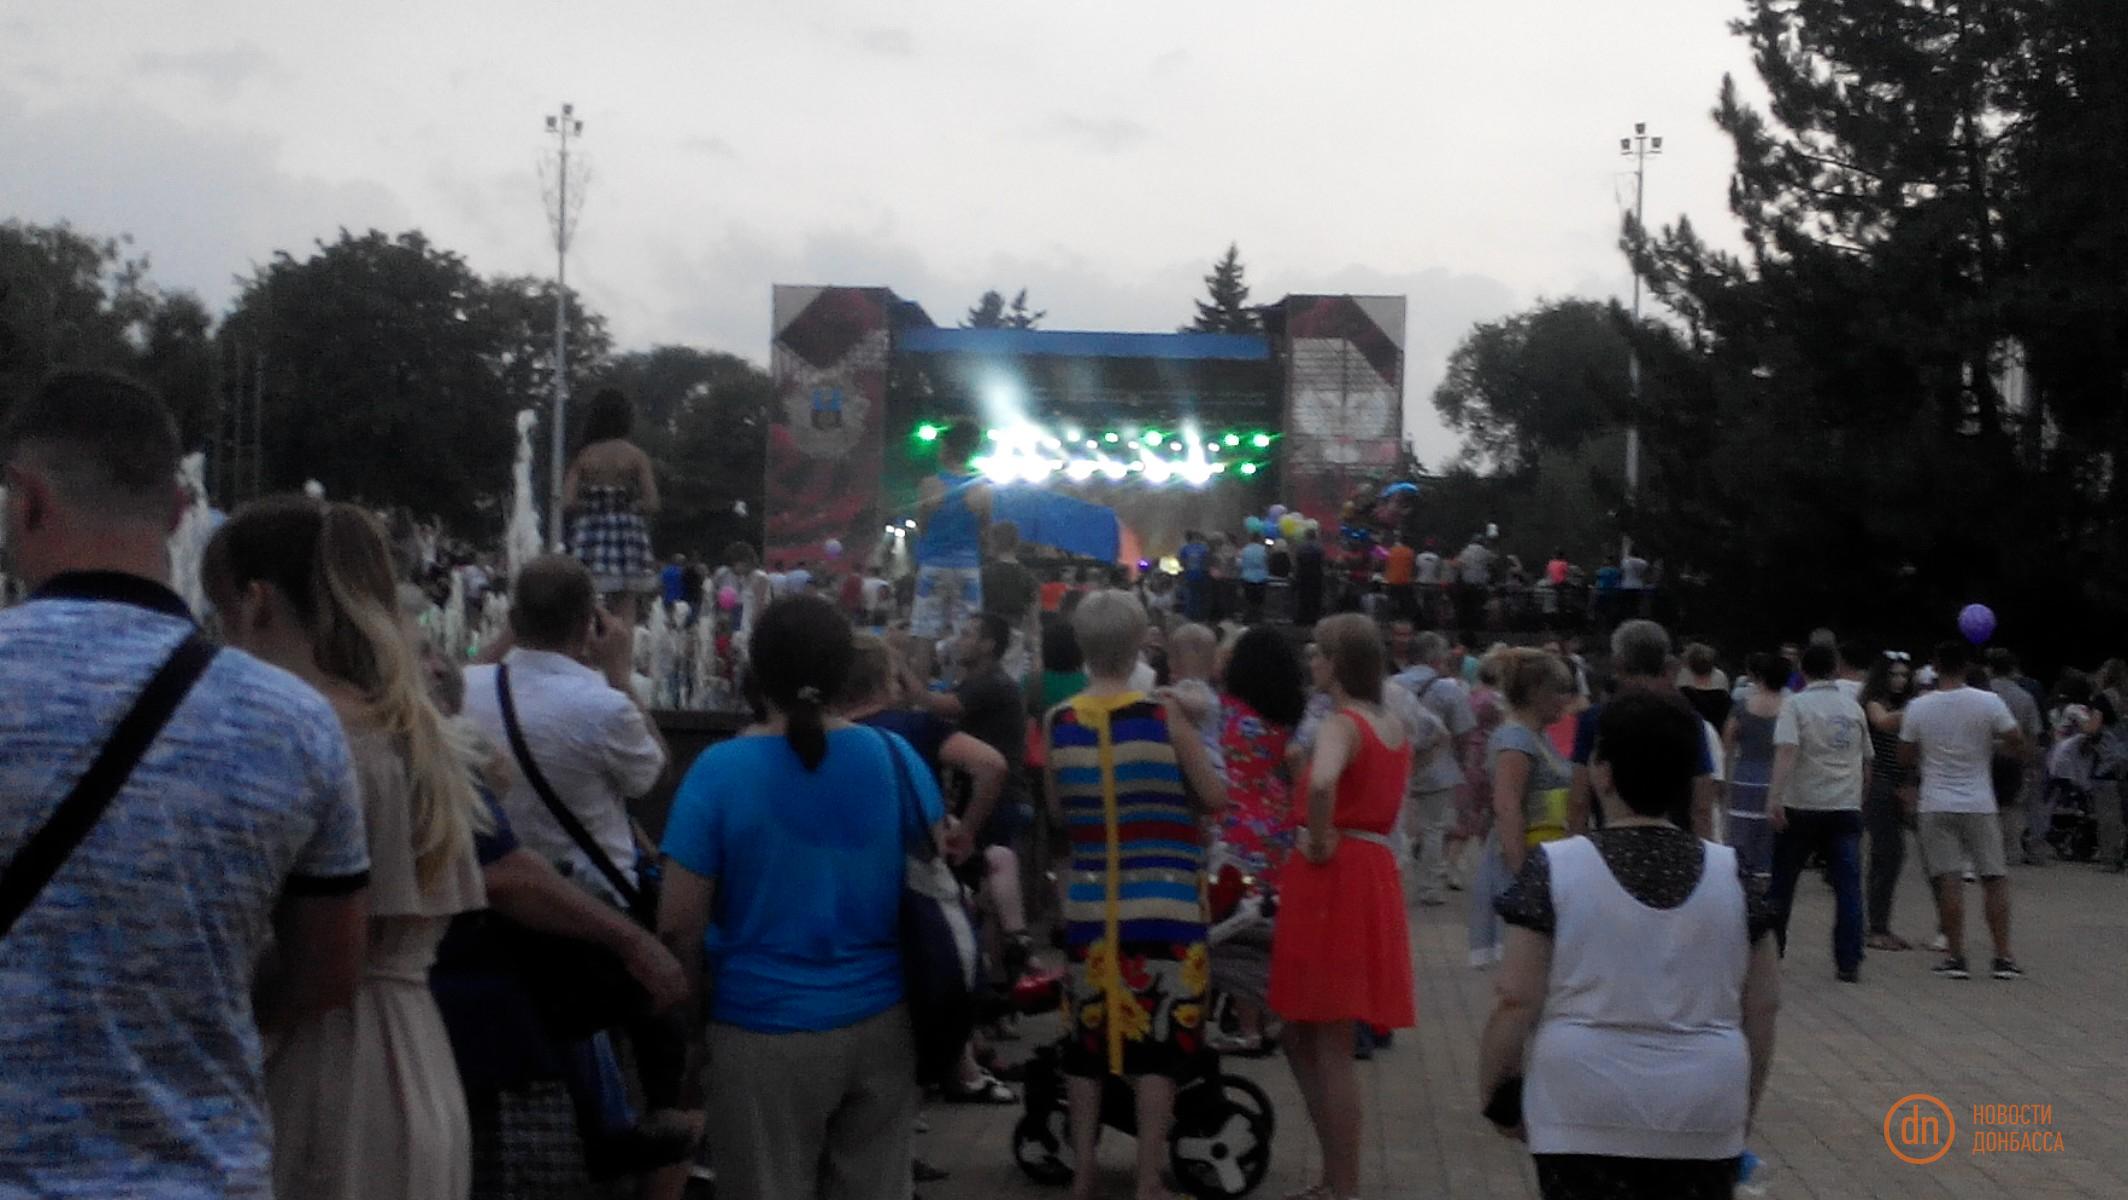 Около 10 тыс. человек пришли наконцерт Олега Газманова вДонецке— ДНР